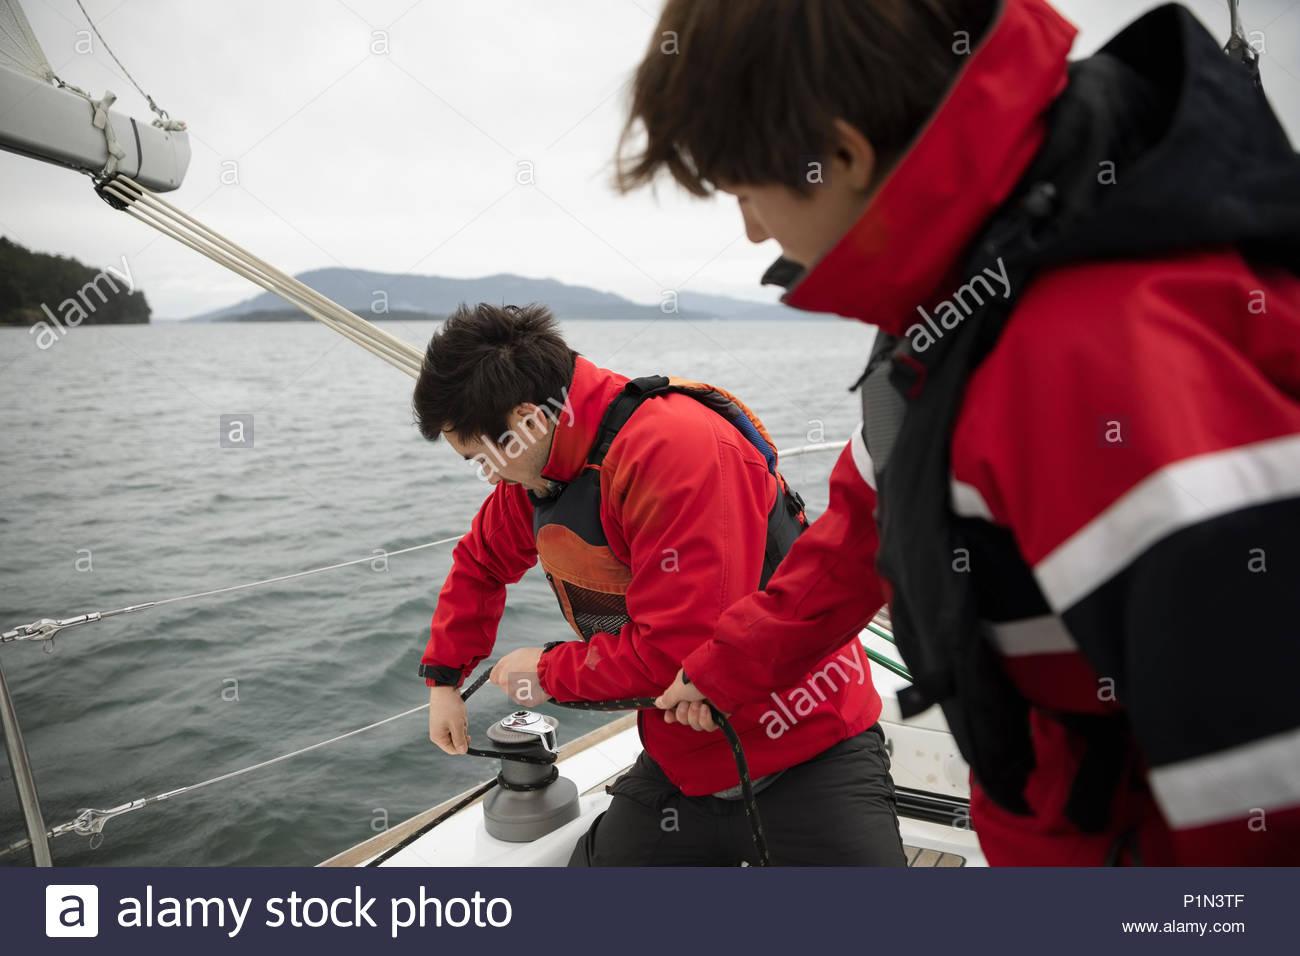 Sailing Team apparecchi di regolazione sulla barca a vela su ocean Immagini Stock